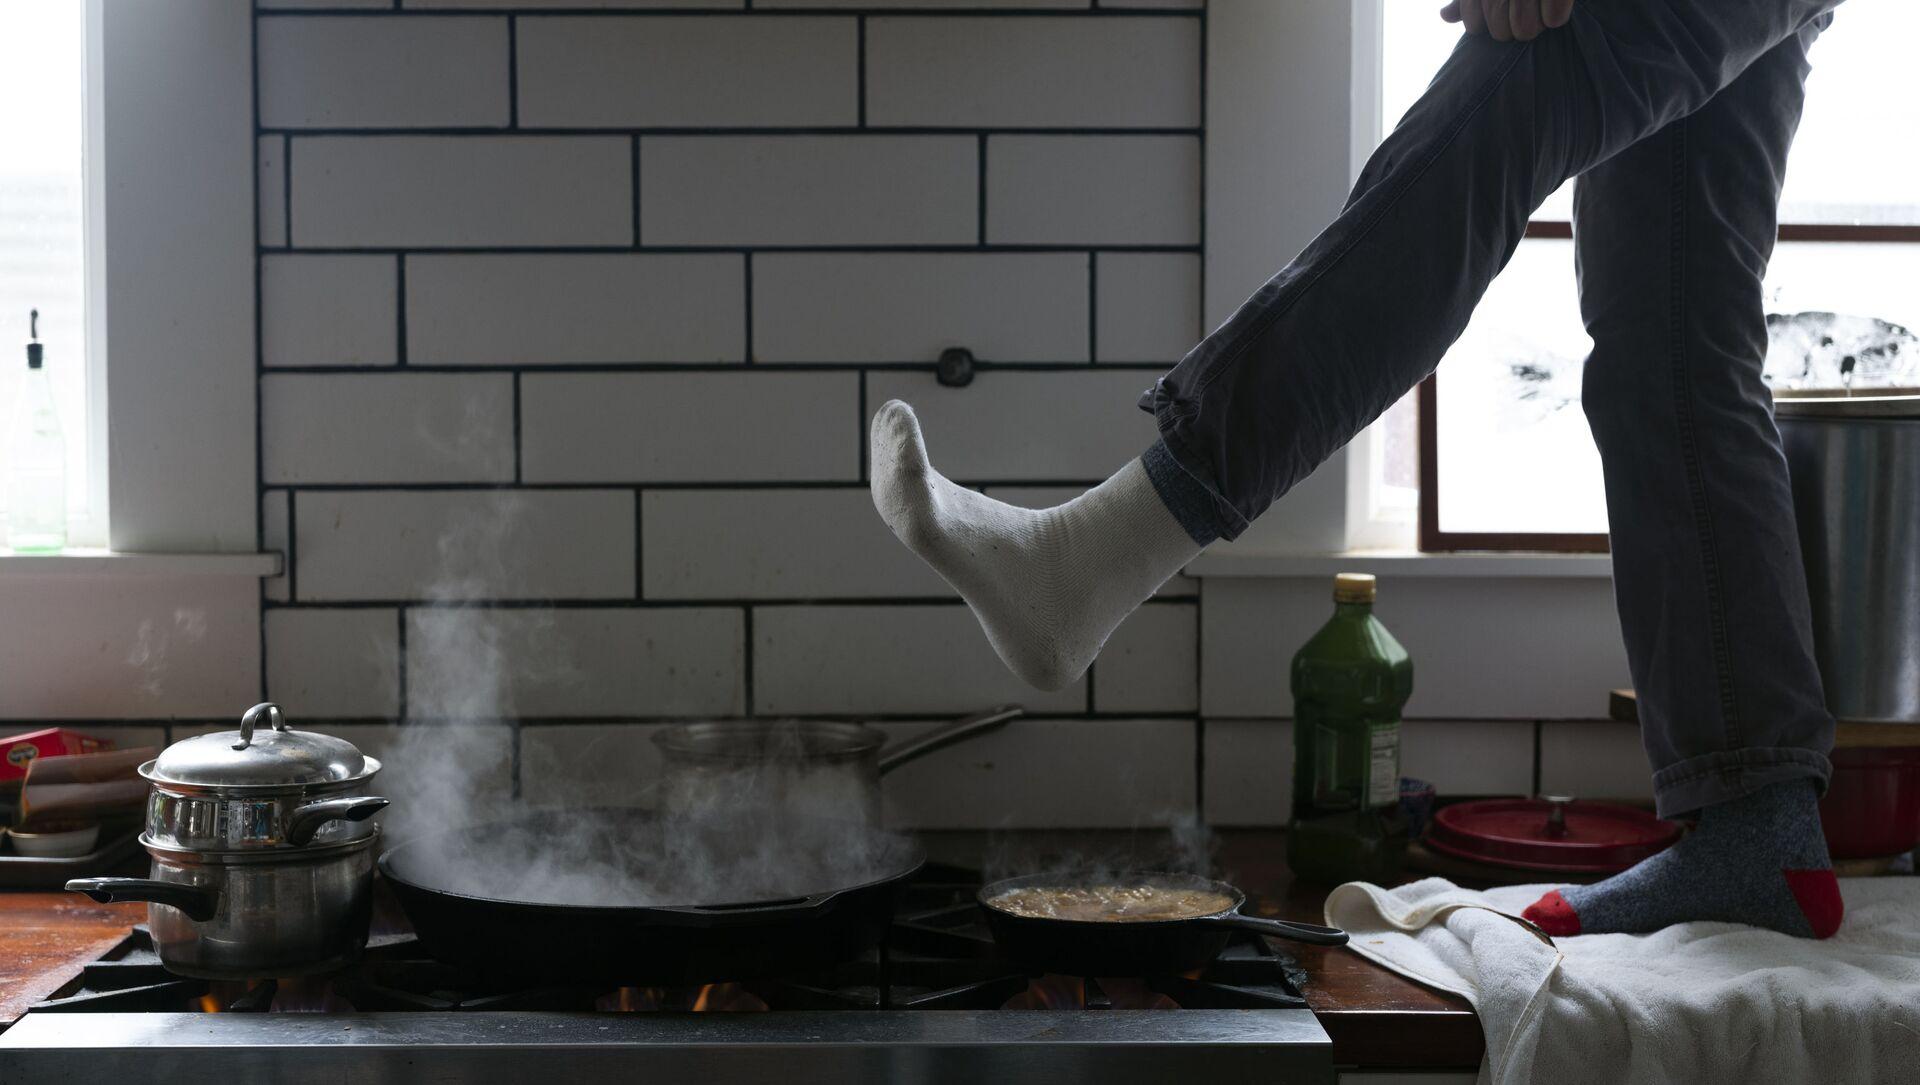 Muž si ohřívá nohy nad plynovým sporákem v Austinu v Texasu v USA - Sputnik Česká republika, 1920, 17.02.2021